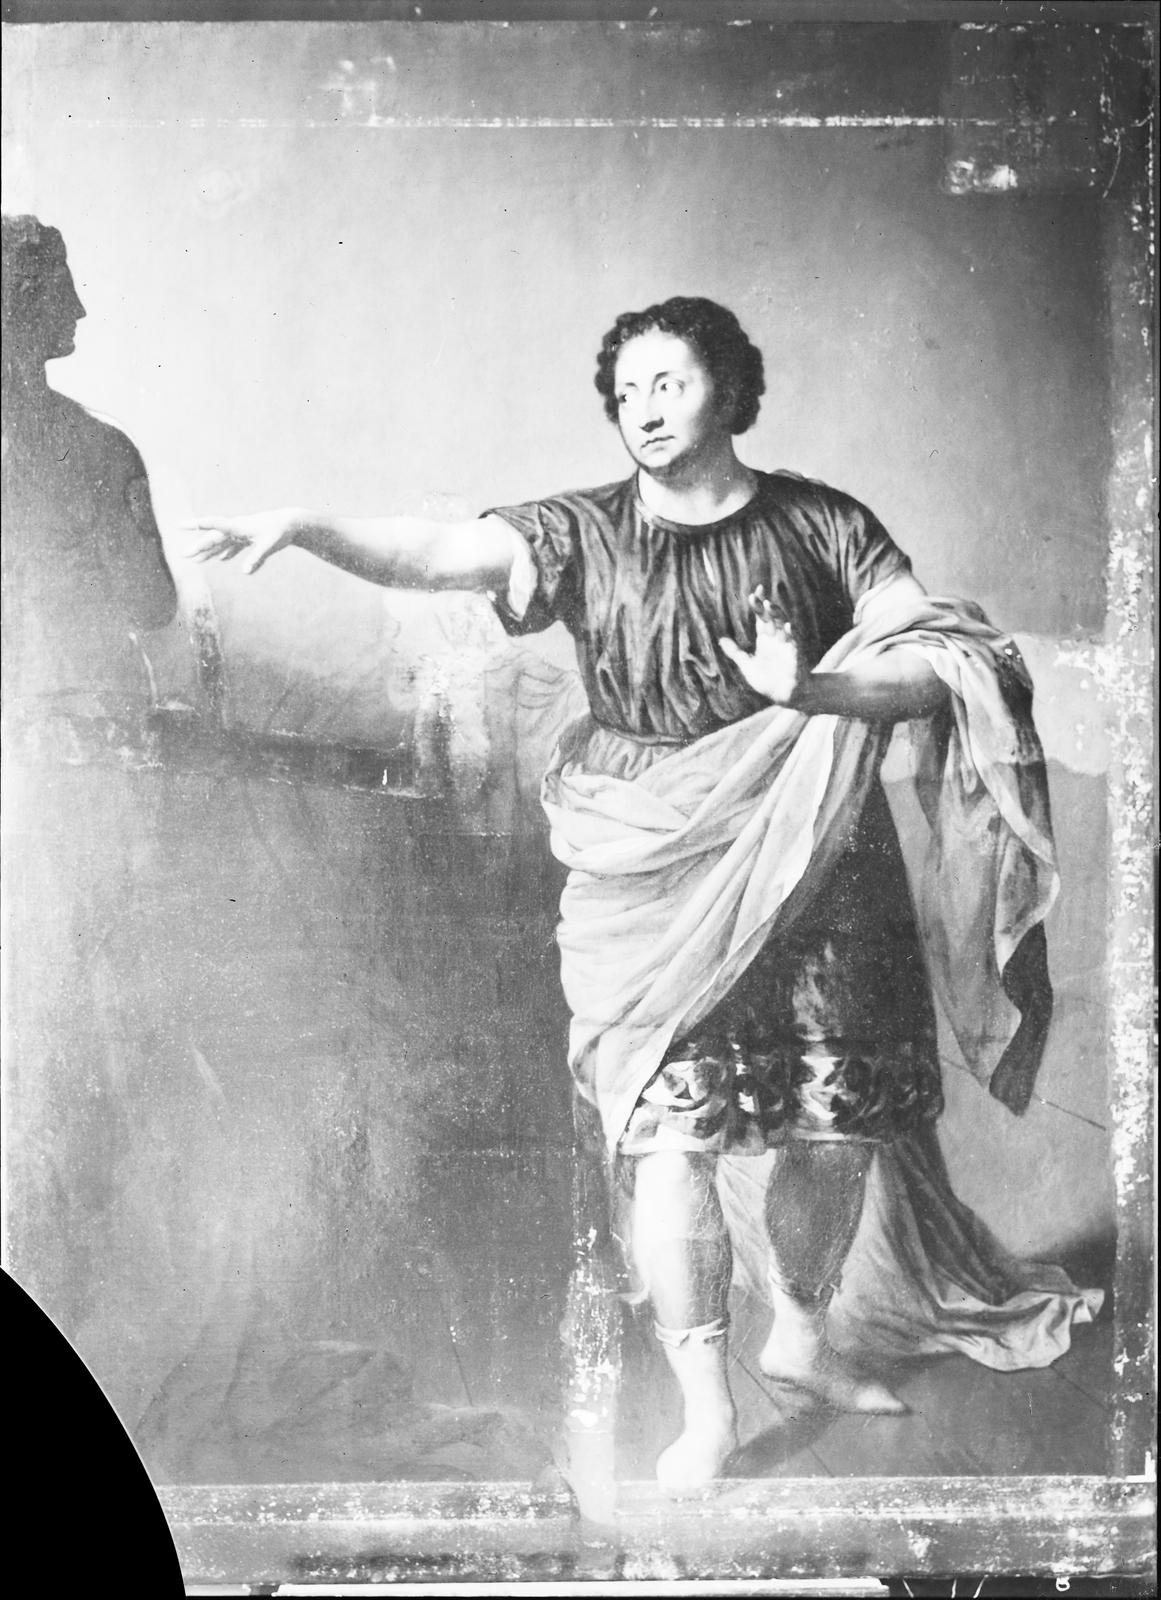 Anton Graff: Iffland als Pygmalion (1800); photograph/glass negative; Stiftung Preussische Schlösser und Gärten, Berlin.